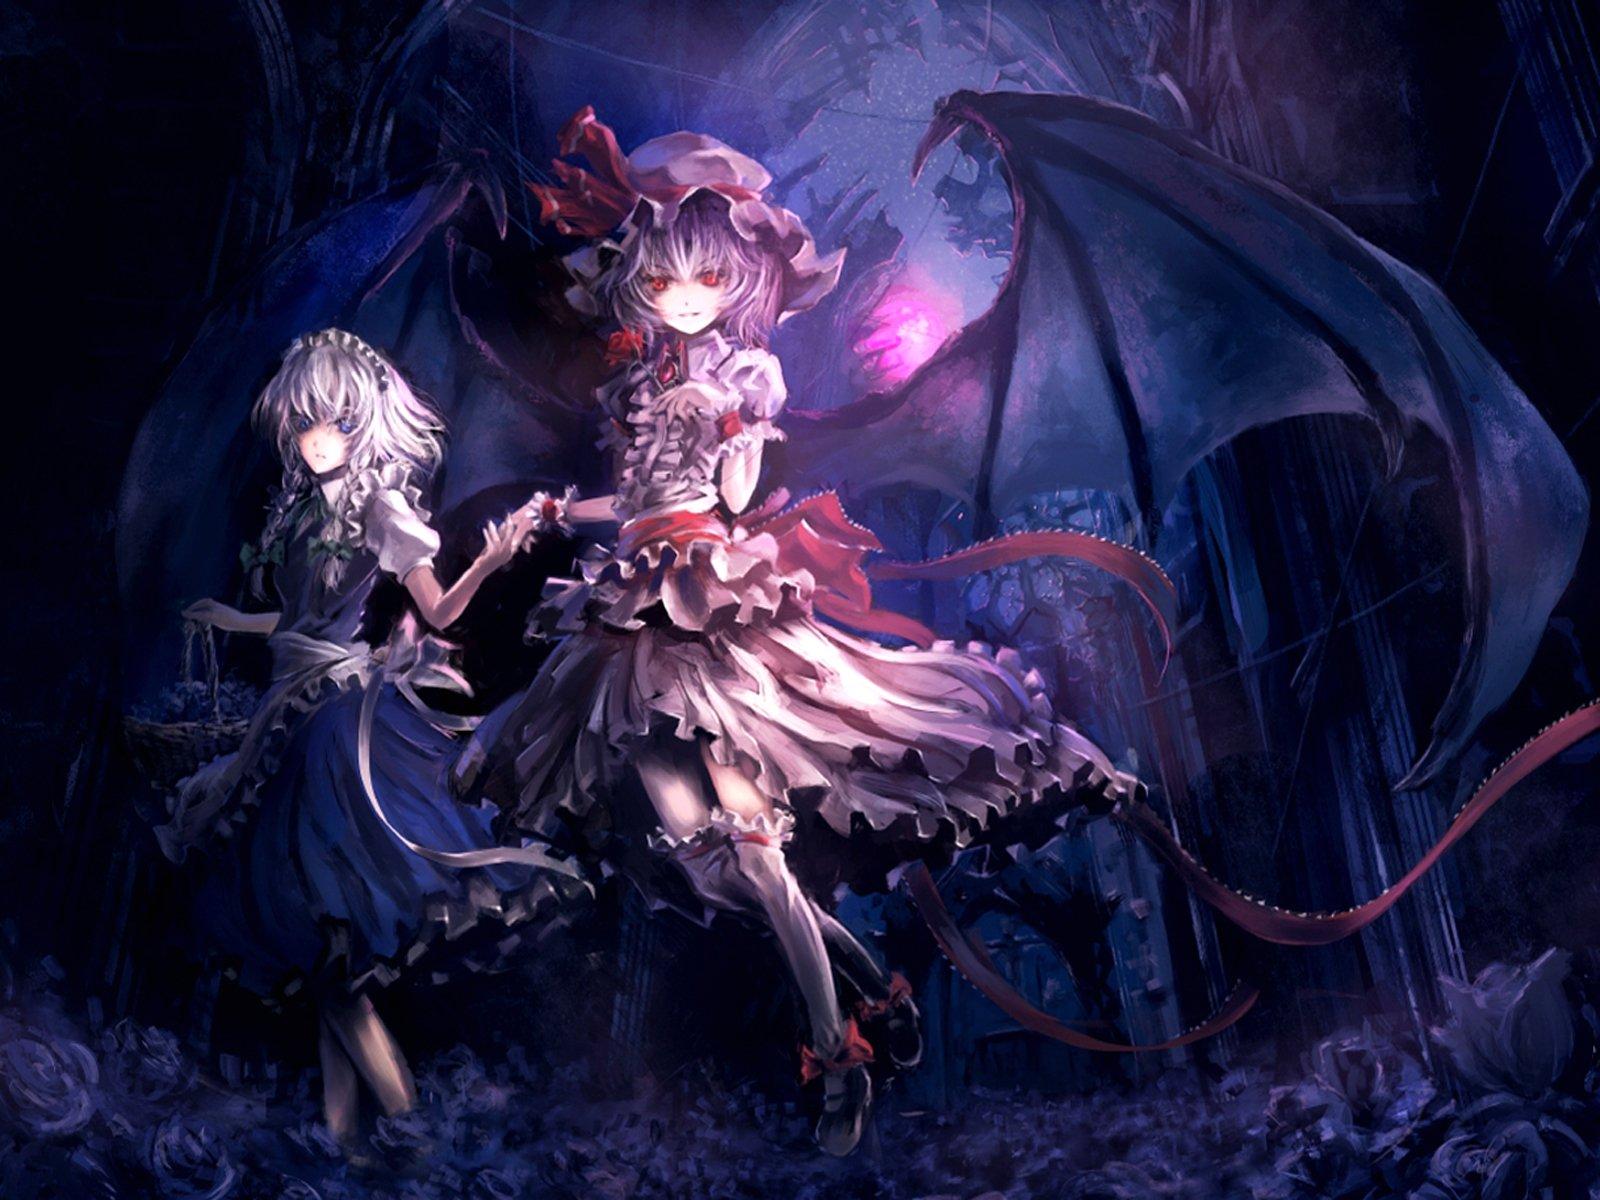 Ảnh Anime Nữ Ác quỷ đẹp